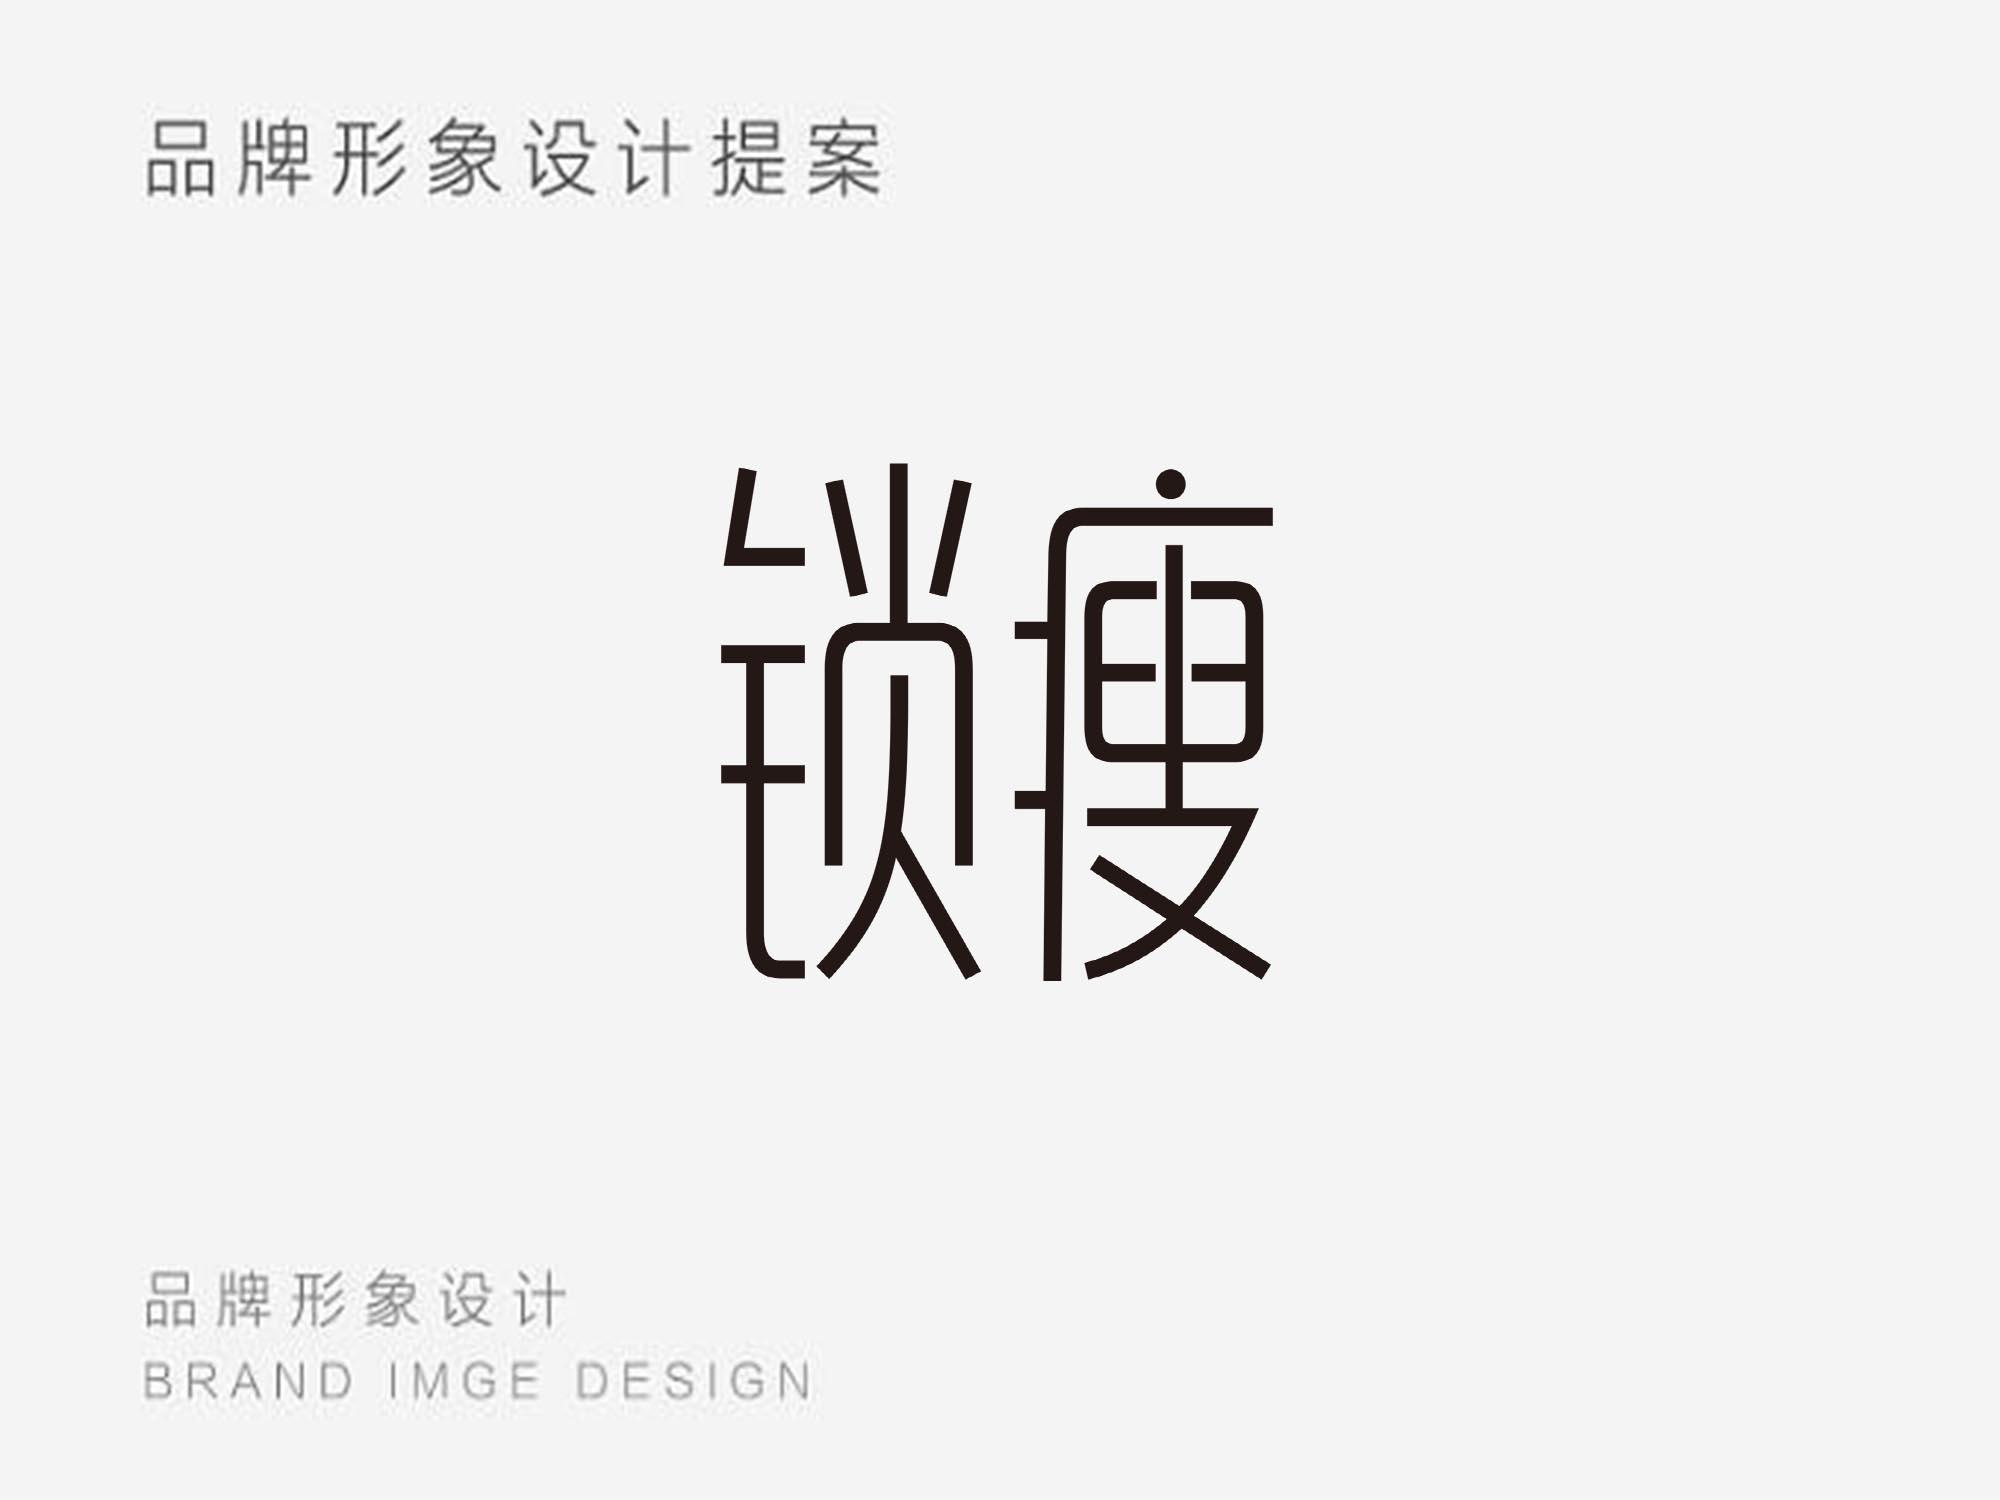 产品logo设计(内容有更新7.14)_3034042_k68威客网